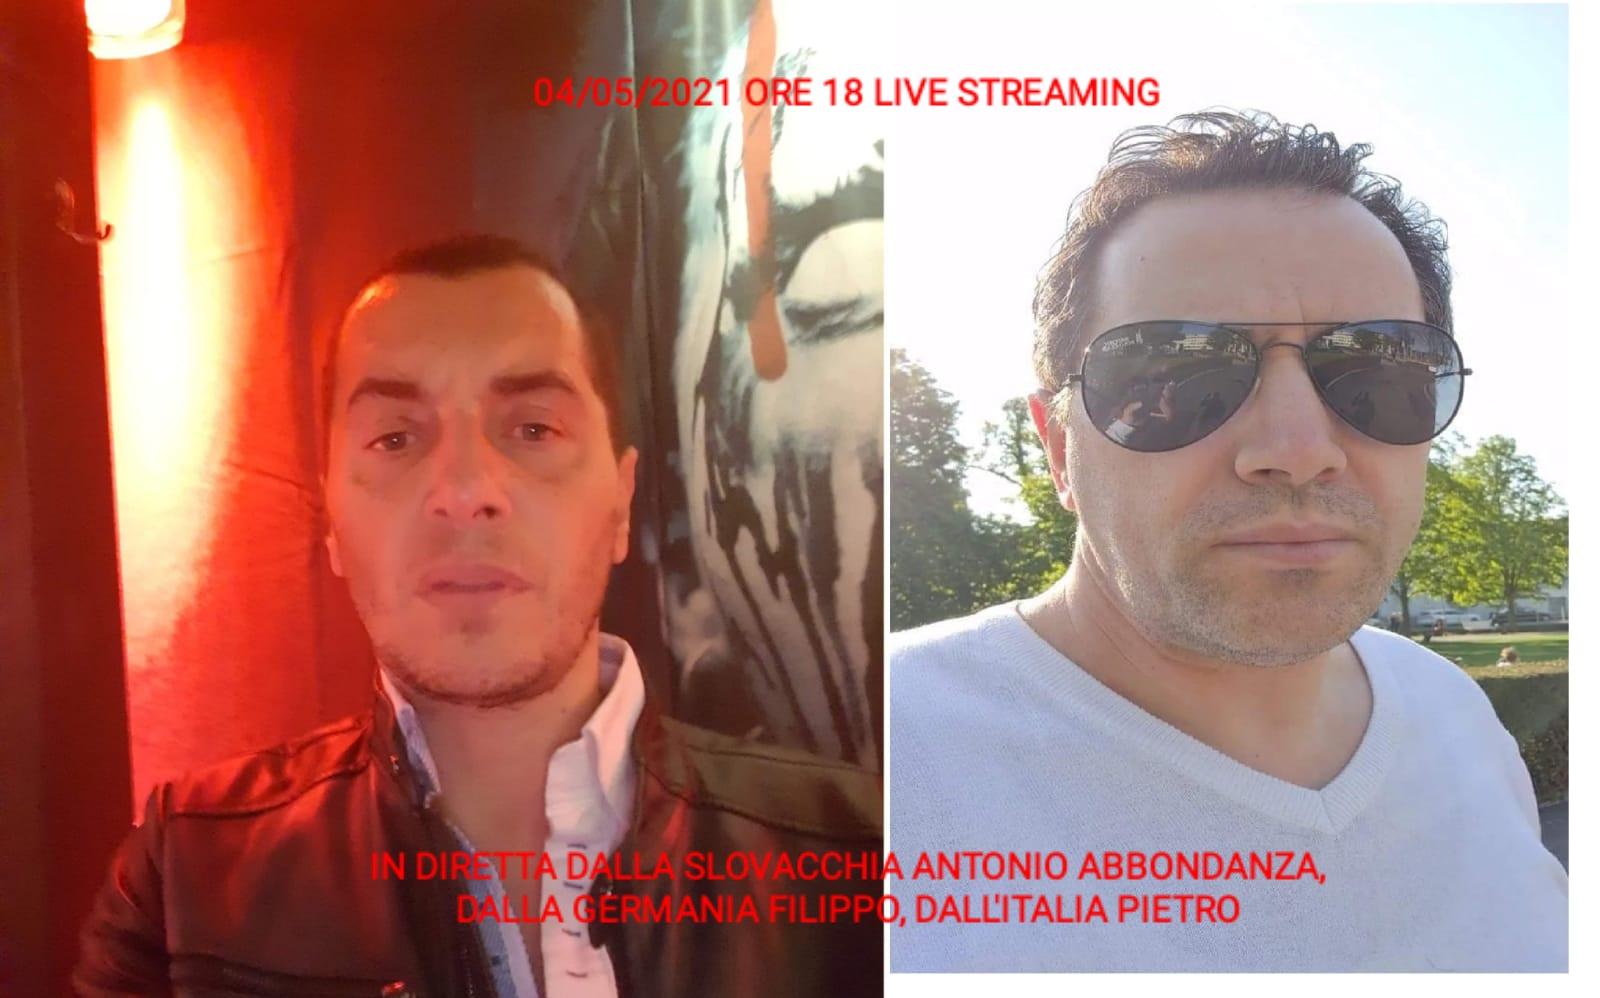 LIVE STREAMING 04/05/2021 ORE 18:00 GERMANIA (Filippo) - SLOVACCHIA (Antonio Abbondanza) - ITALIA (Pietro) PARTE 1